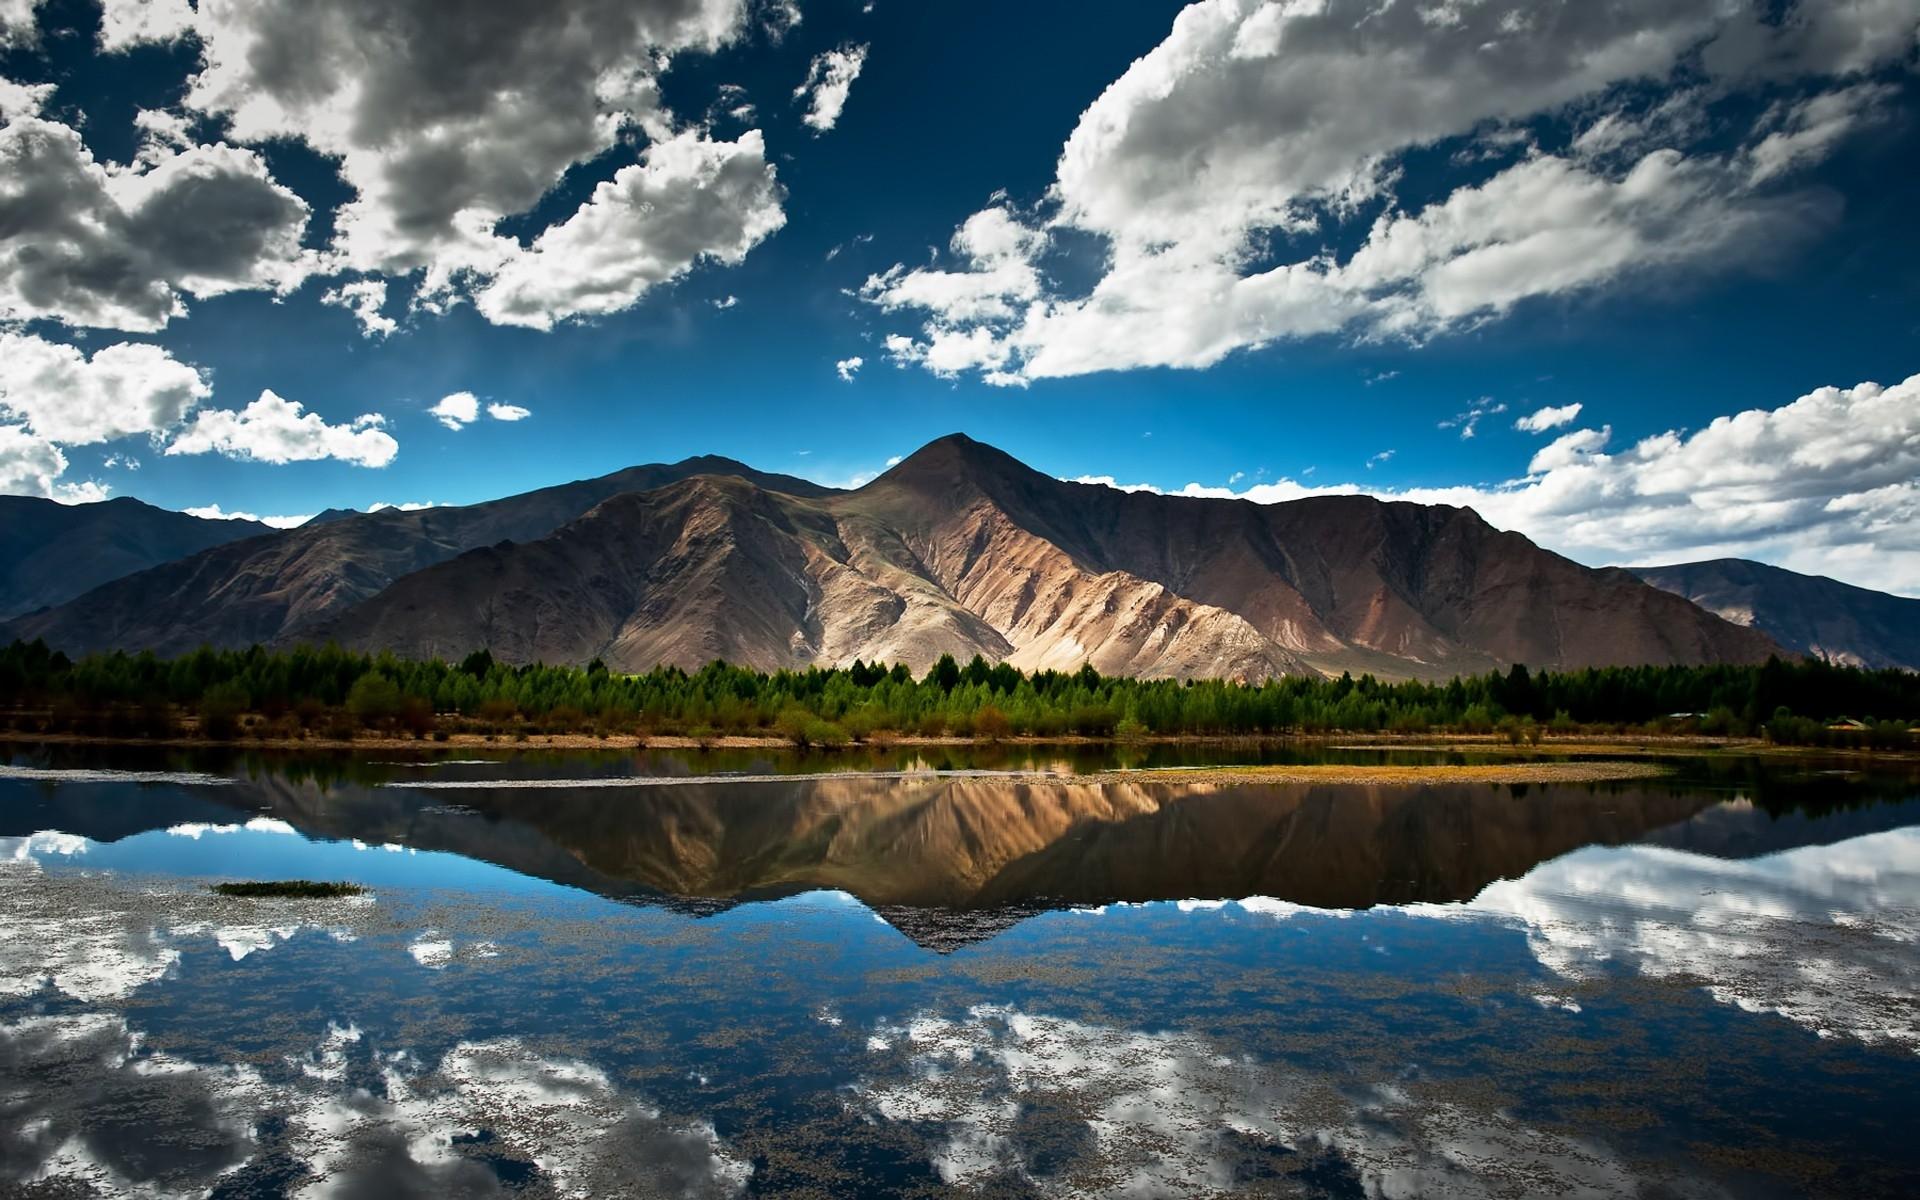 mountain widescreen wallpaper 1080p » extra wallpaper 1080p